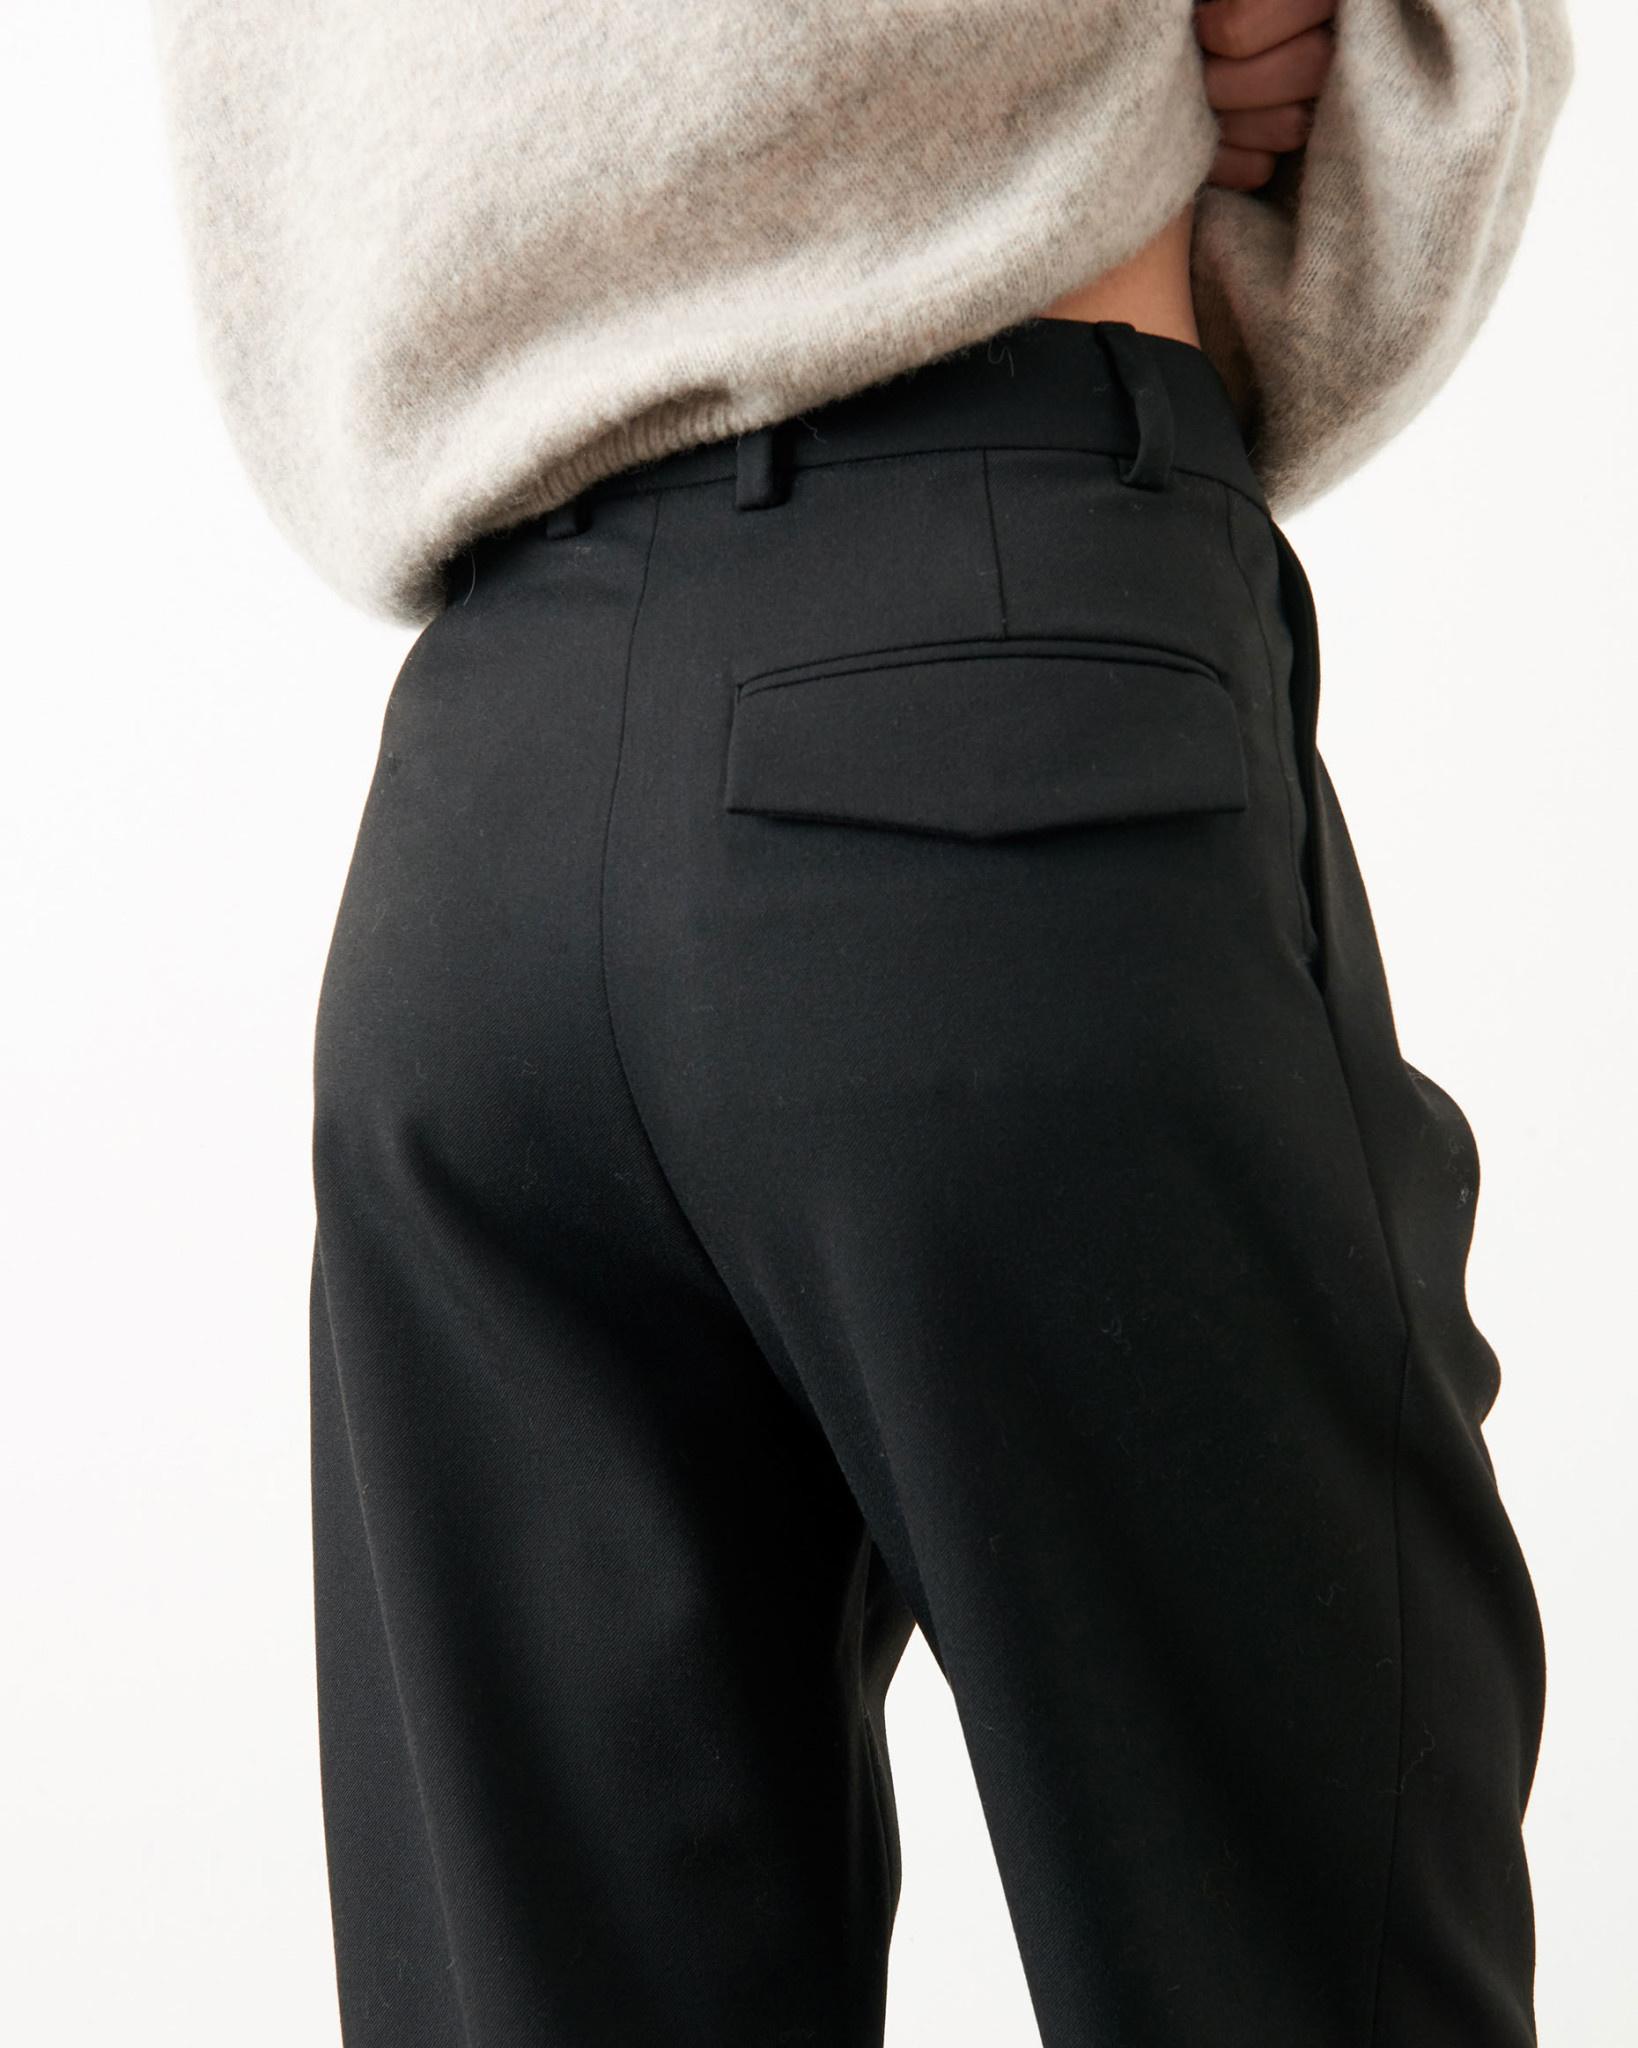 hondje black pants-2